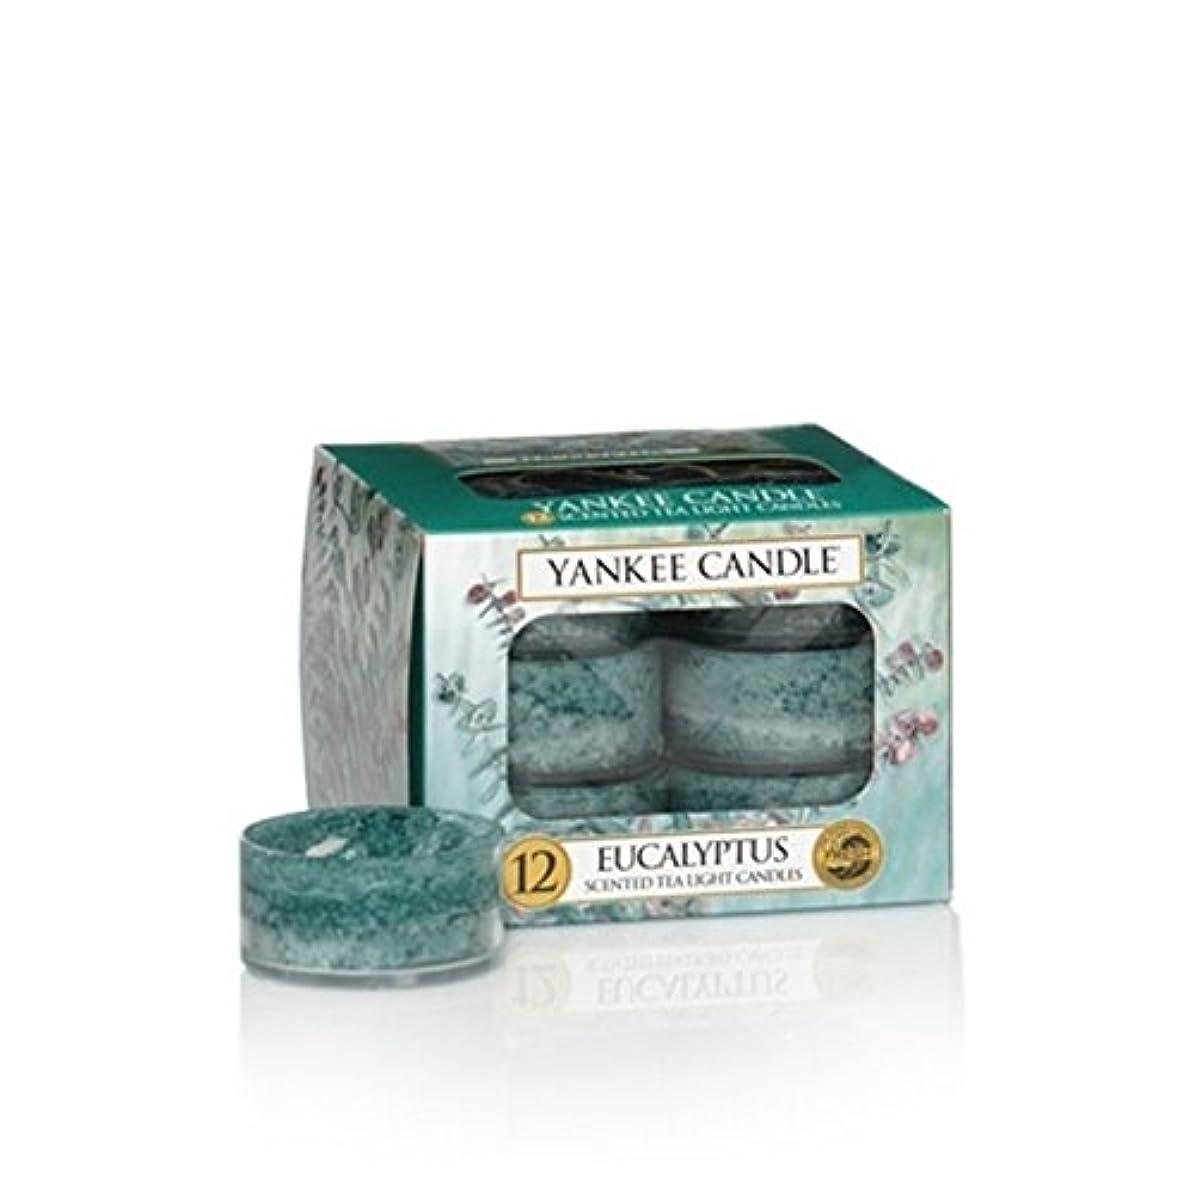 なんでもベジタリアン行進Yankee Candleユーカリ、新鮮な香り Scented Tea Lights グリーン 1185974